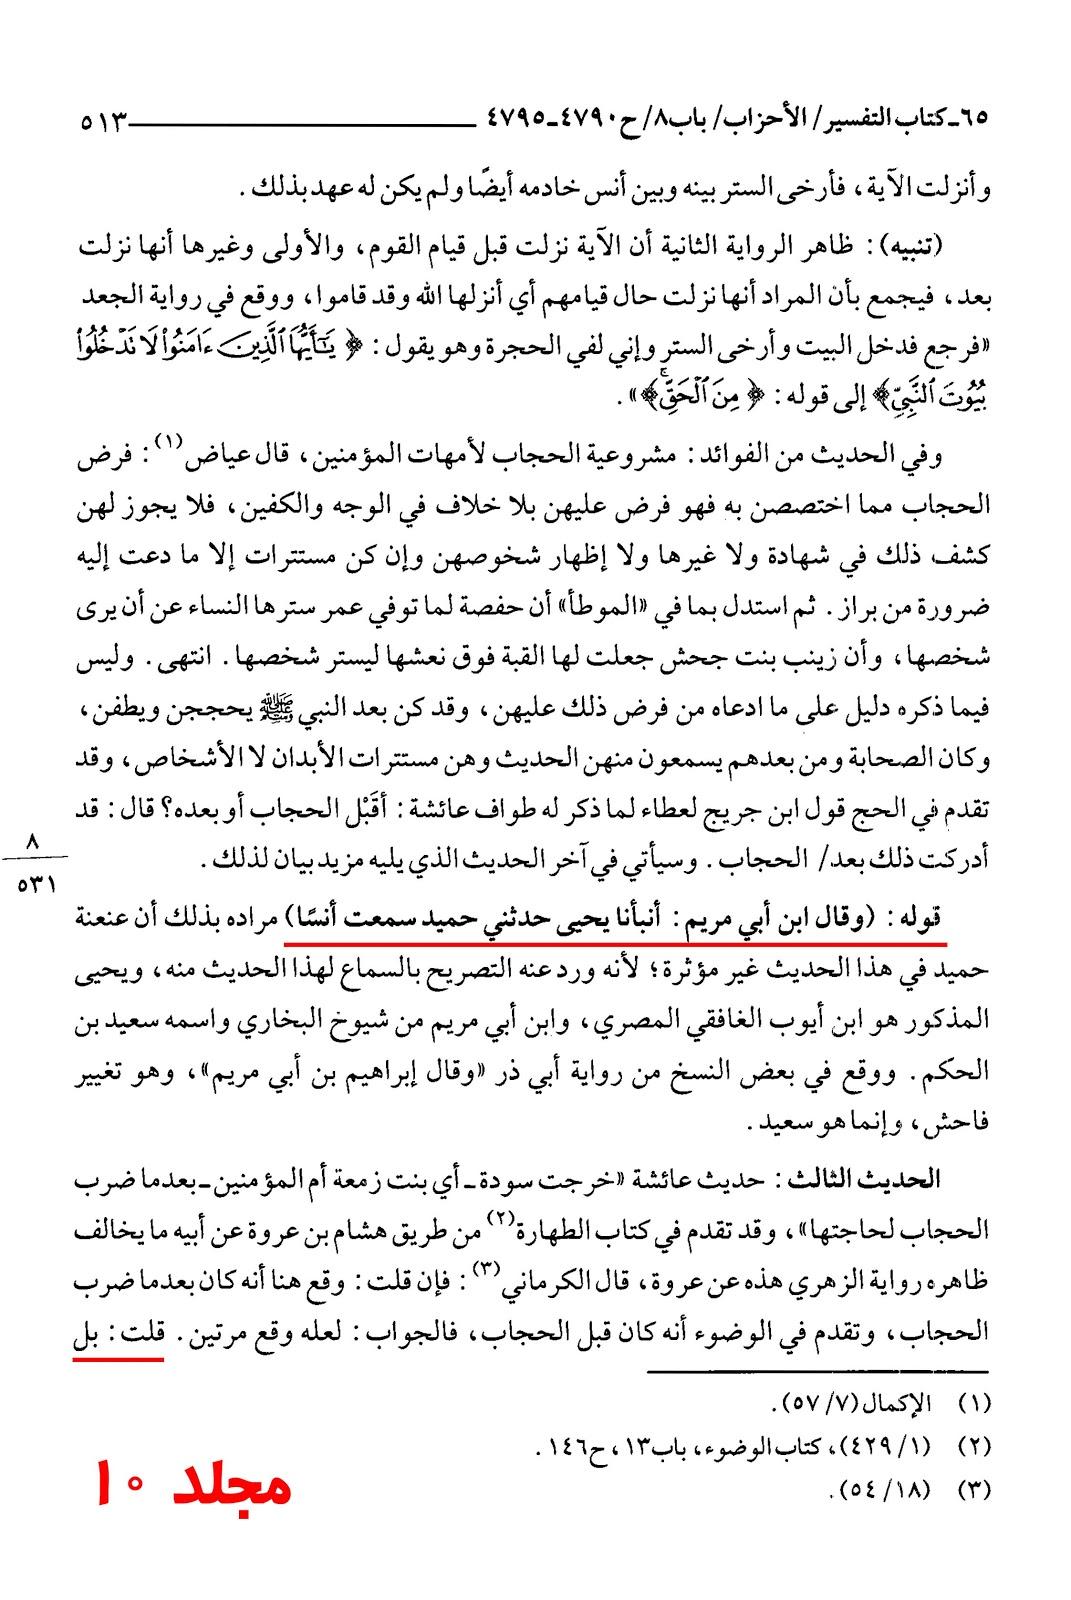 umar ibn al khattab vol 2 pdf